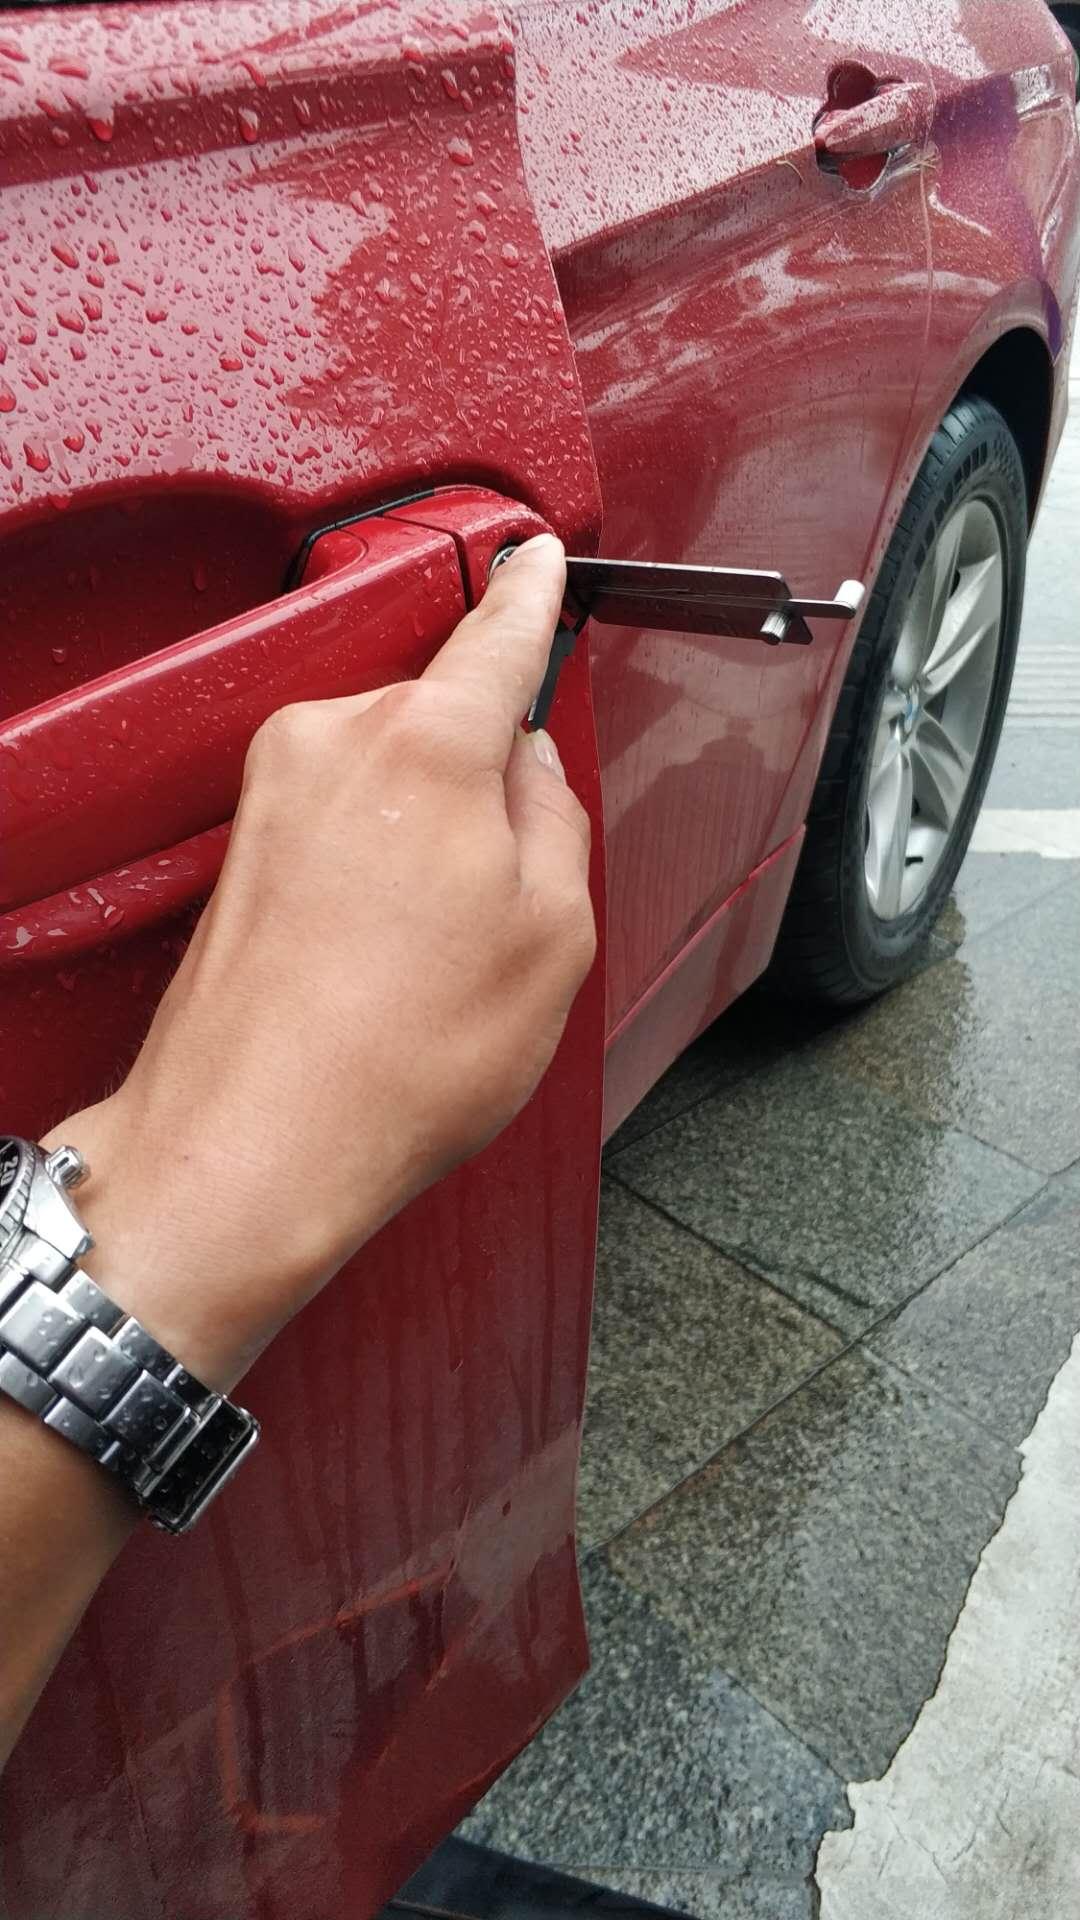 哪种汽车锁最安全